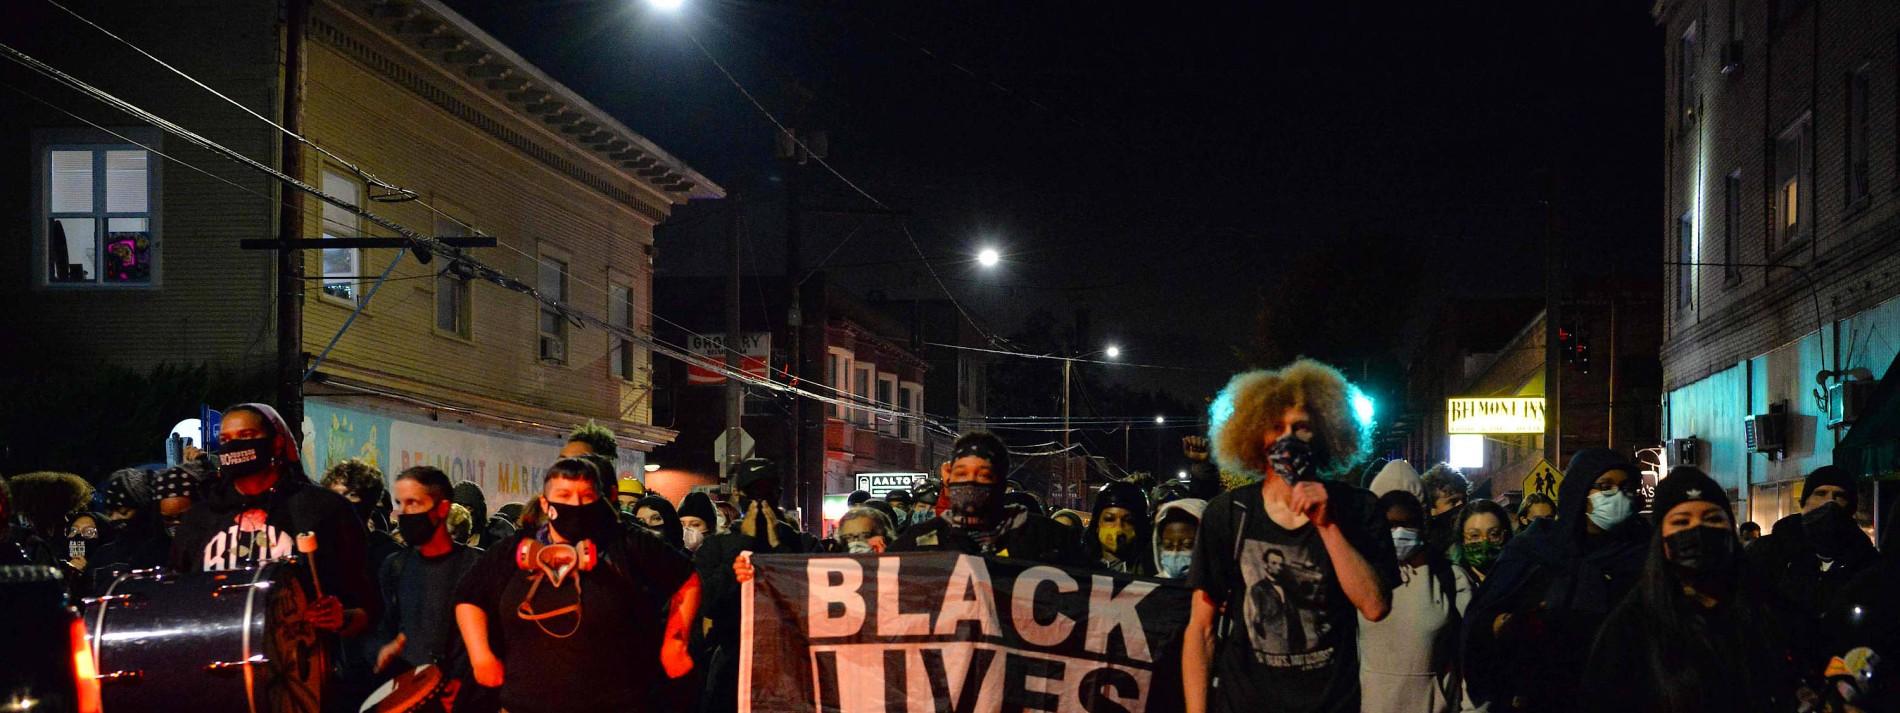 Hunderte BLM-Aktivisten gehen auf die Straßen